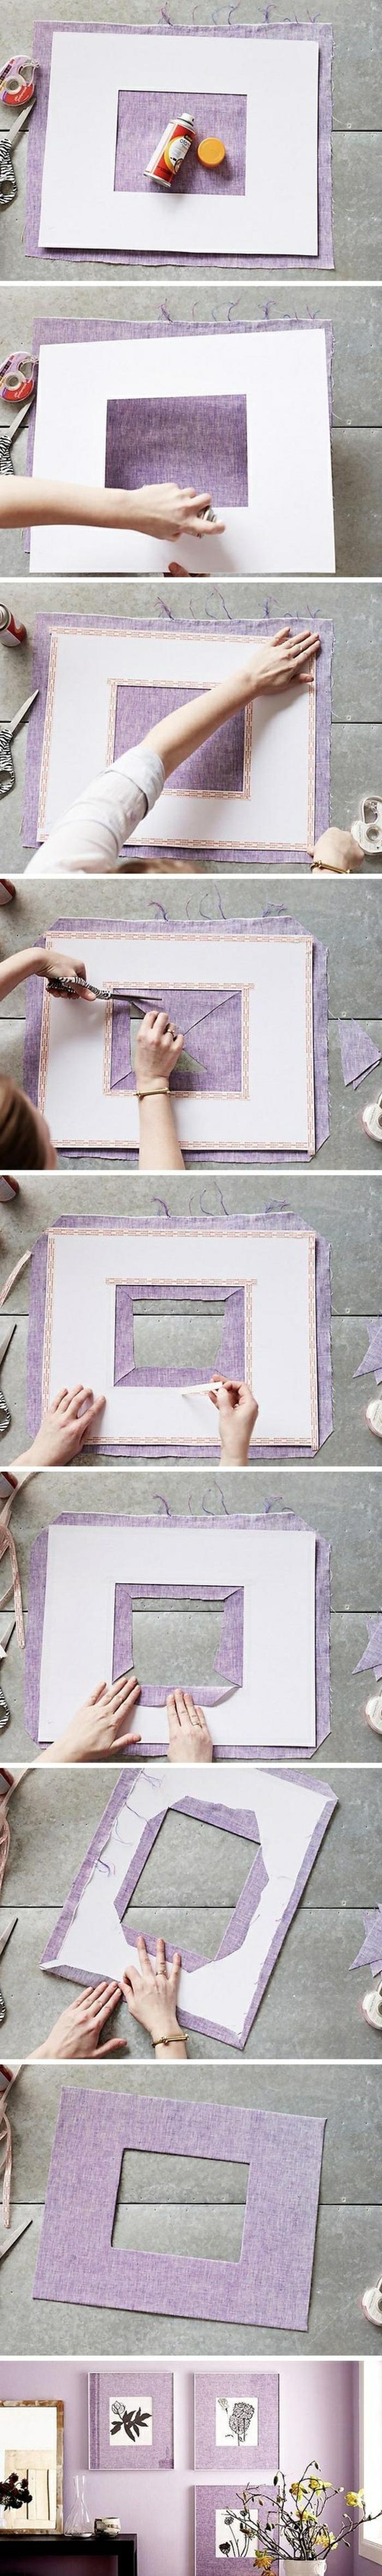 ▷ 1001+ ideen, wie sie einen originellen bilderrahmen selber machen